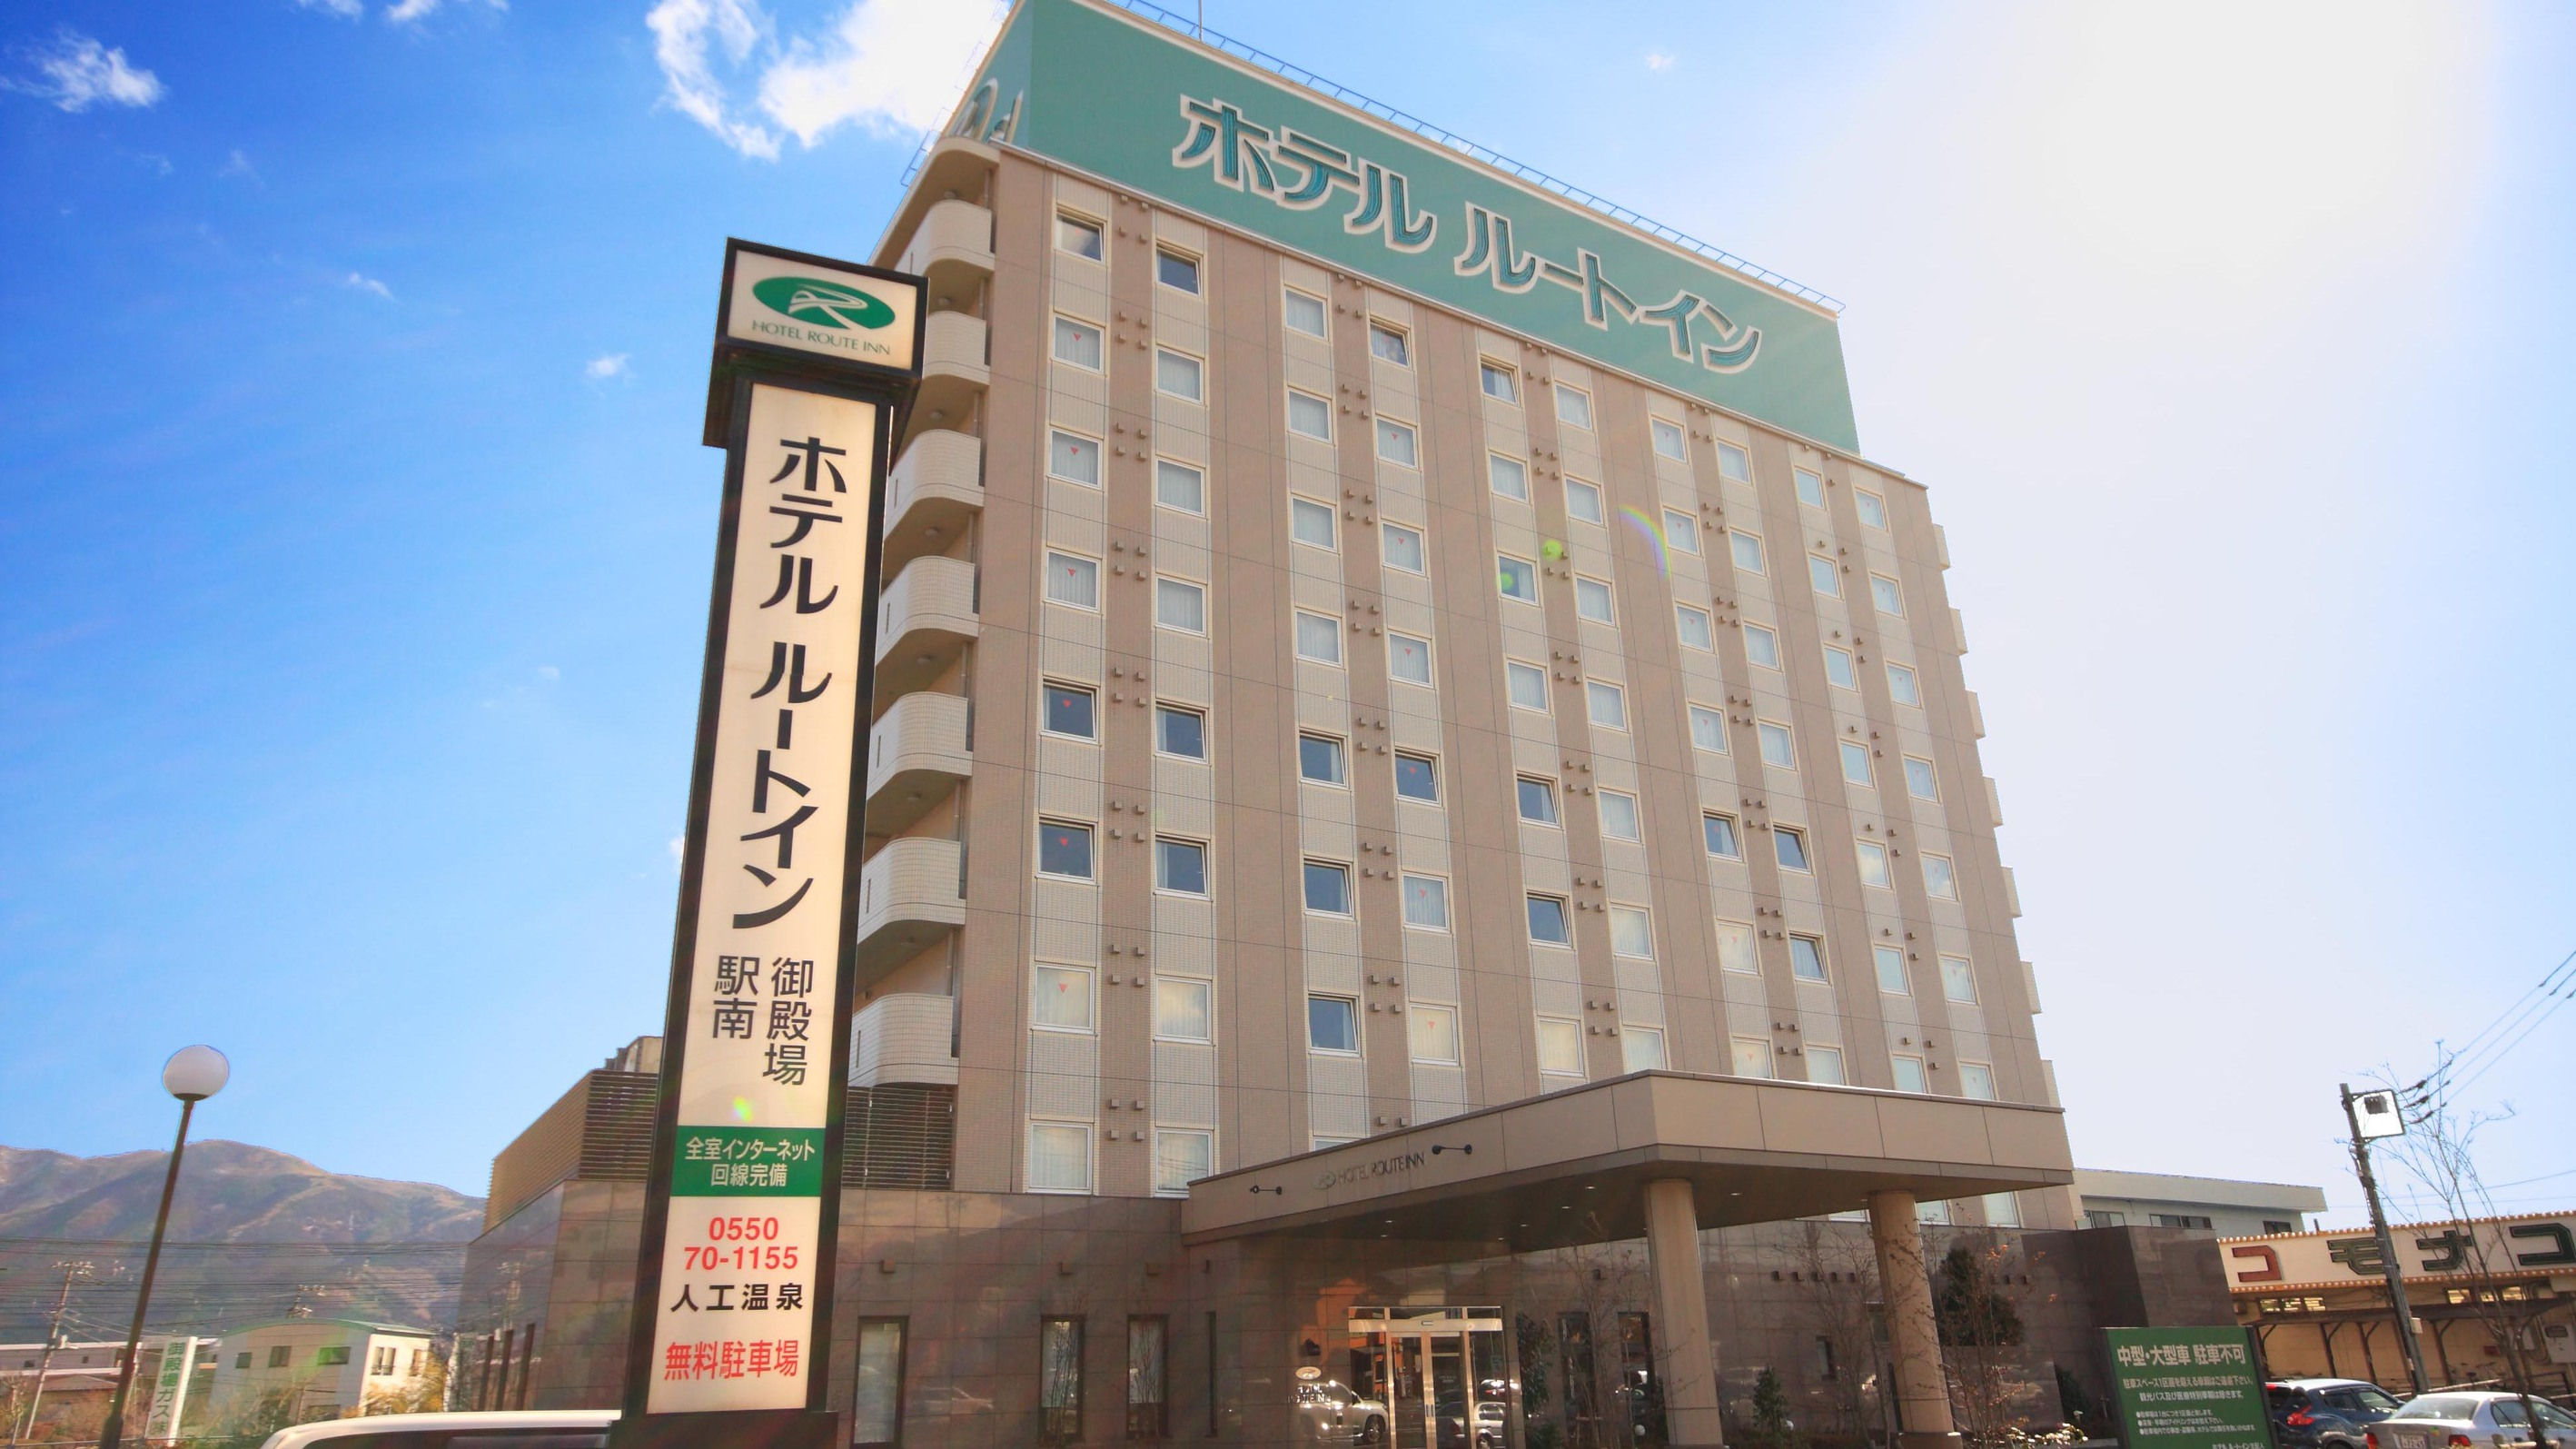 ホテルルートイン御殿場駅南の詳細